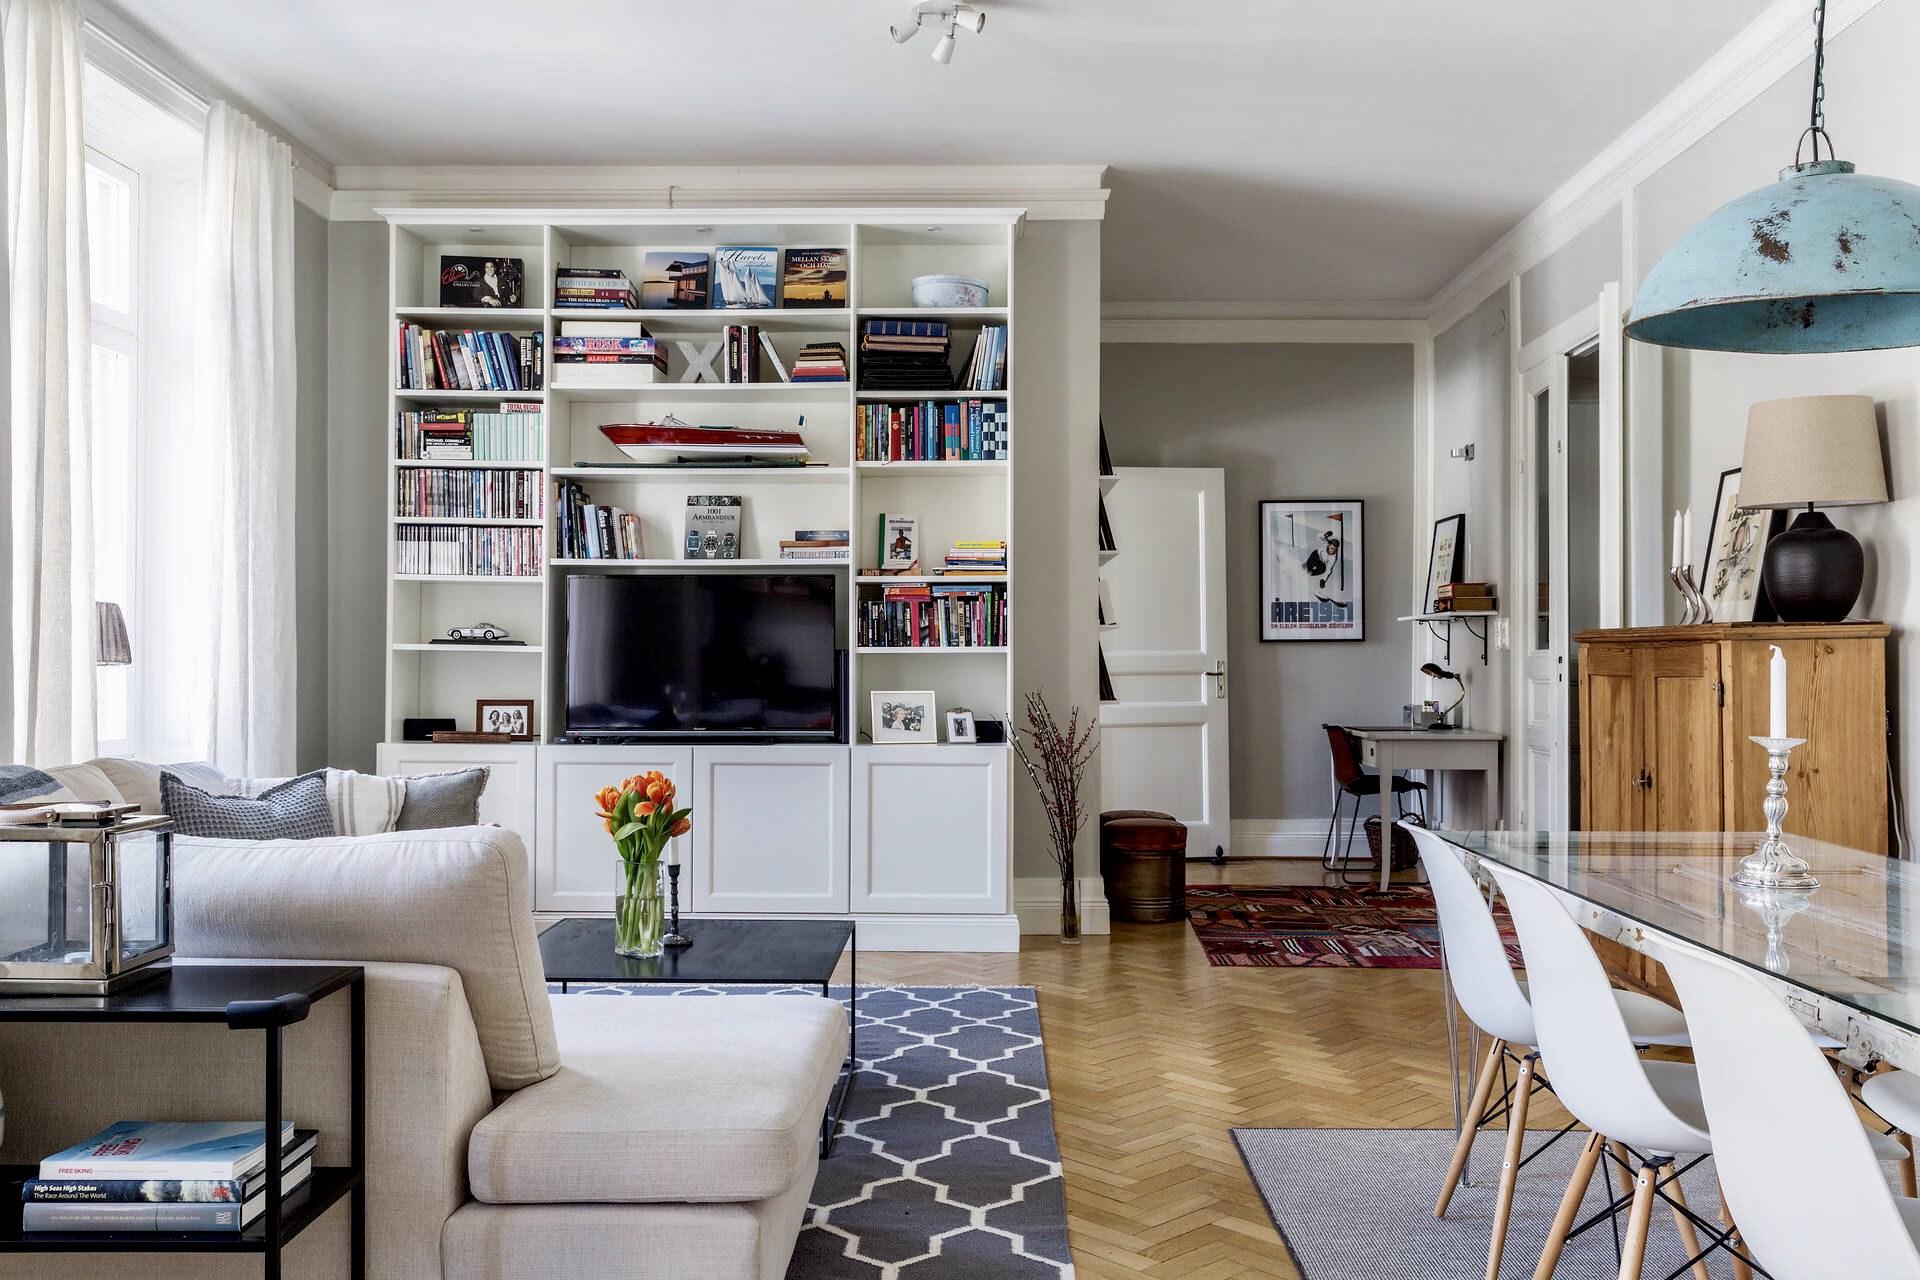 Ideas de decoración para un salon comedor rectangular. – Interiores ...